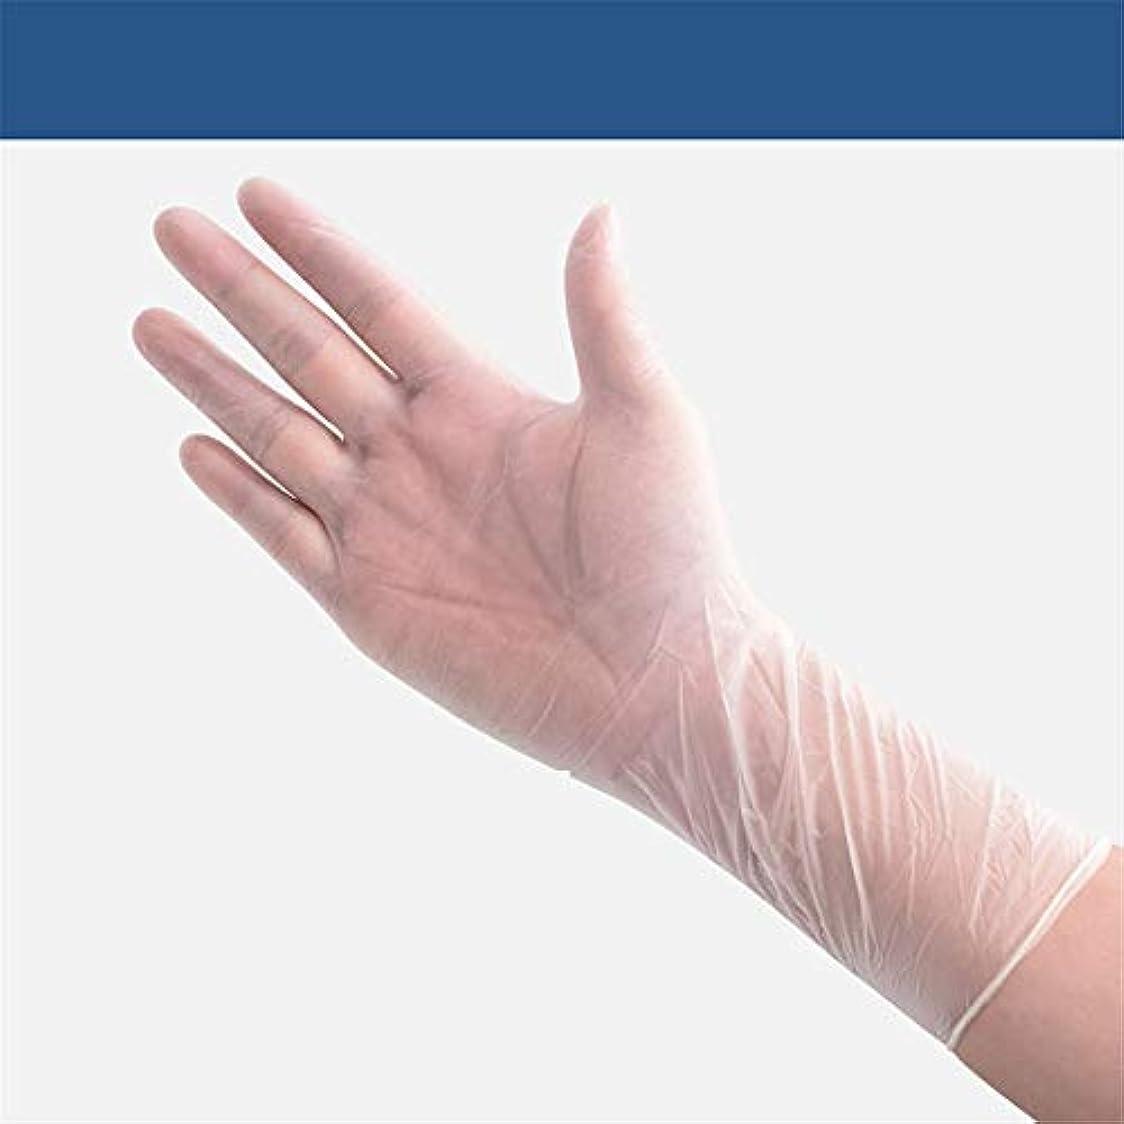 脇に実装する無一文BTXXYJP キッチン用手袋 手袋 作業 食器洗い 炊事 掃除 園芸 洗車 防水 手袋 (100 Packs) (Color : Pvc 100pcs, Size : M)